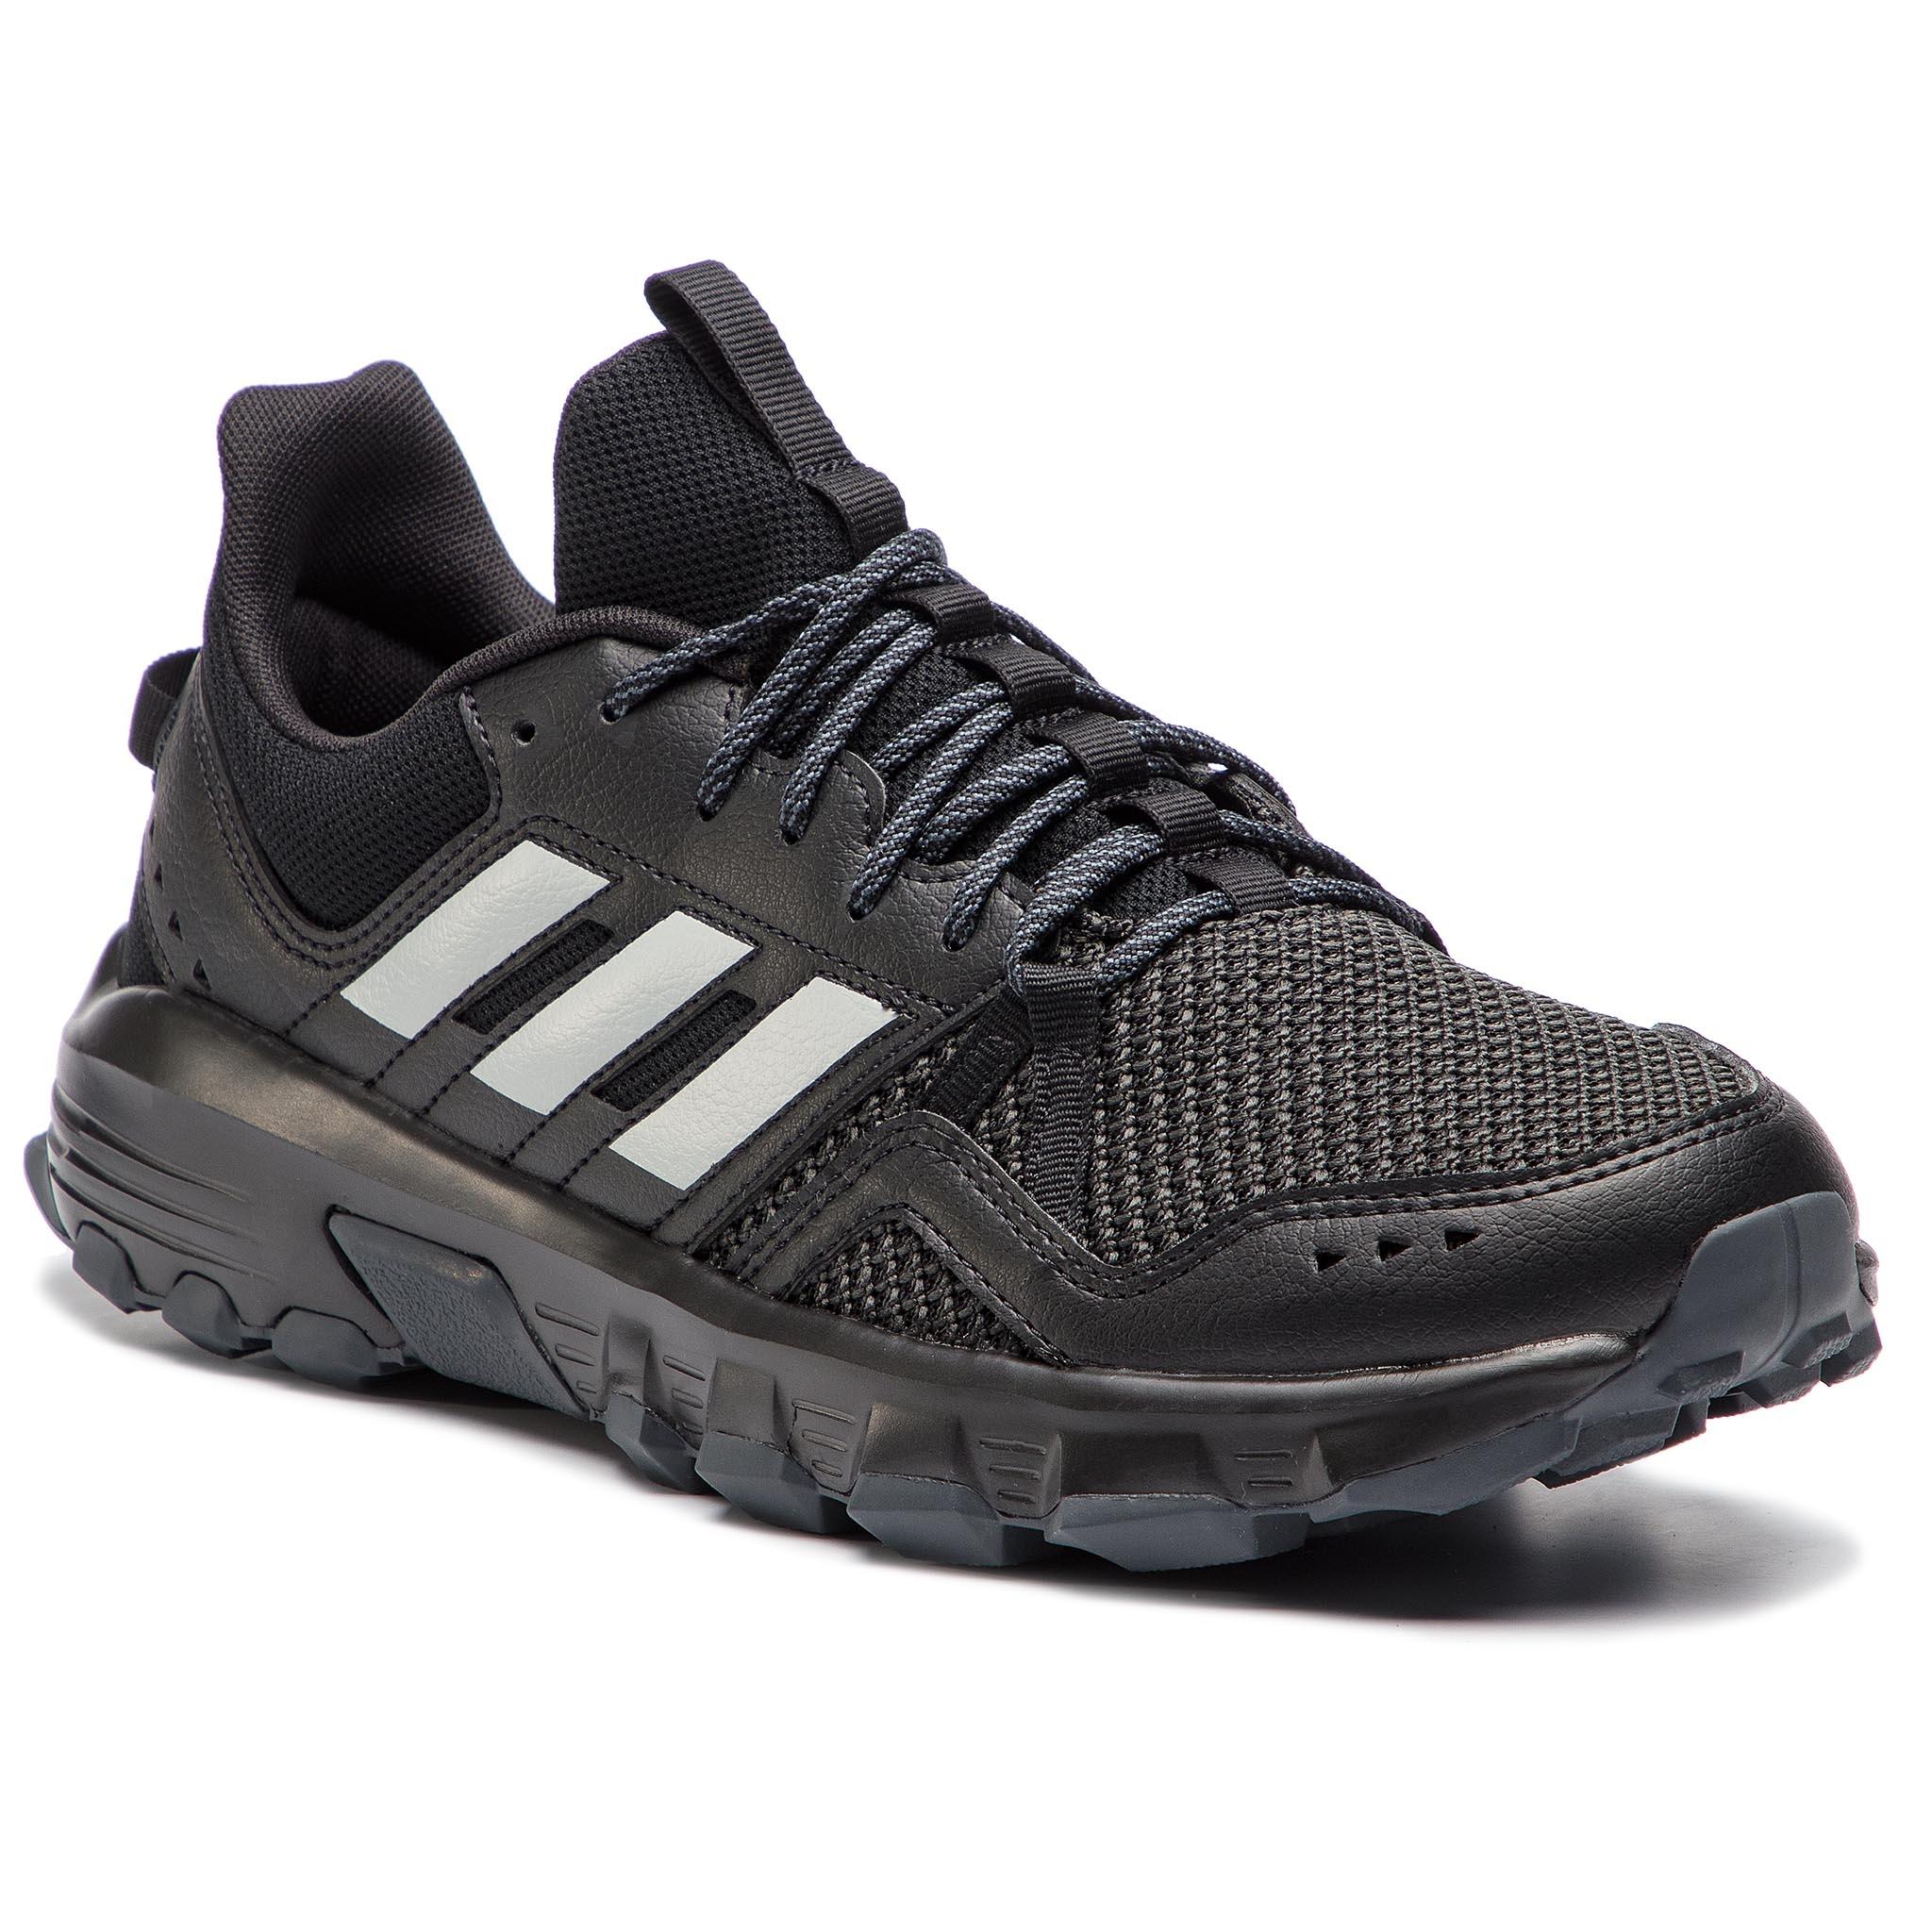 on sale 8621c 9b92b Sports shoes - www.efootwear.eu